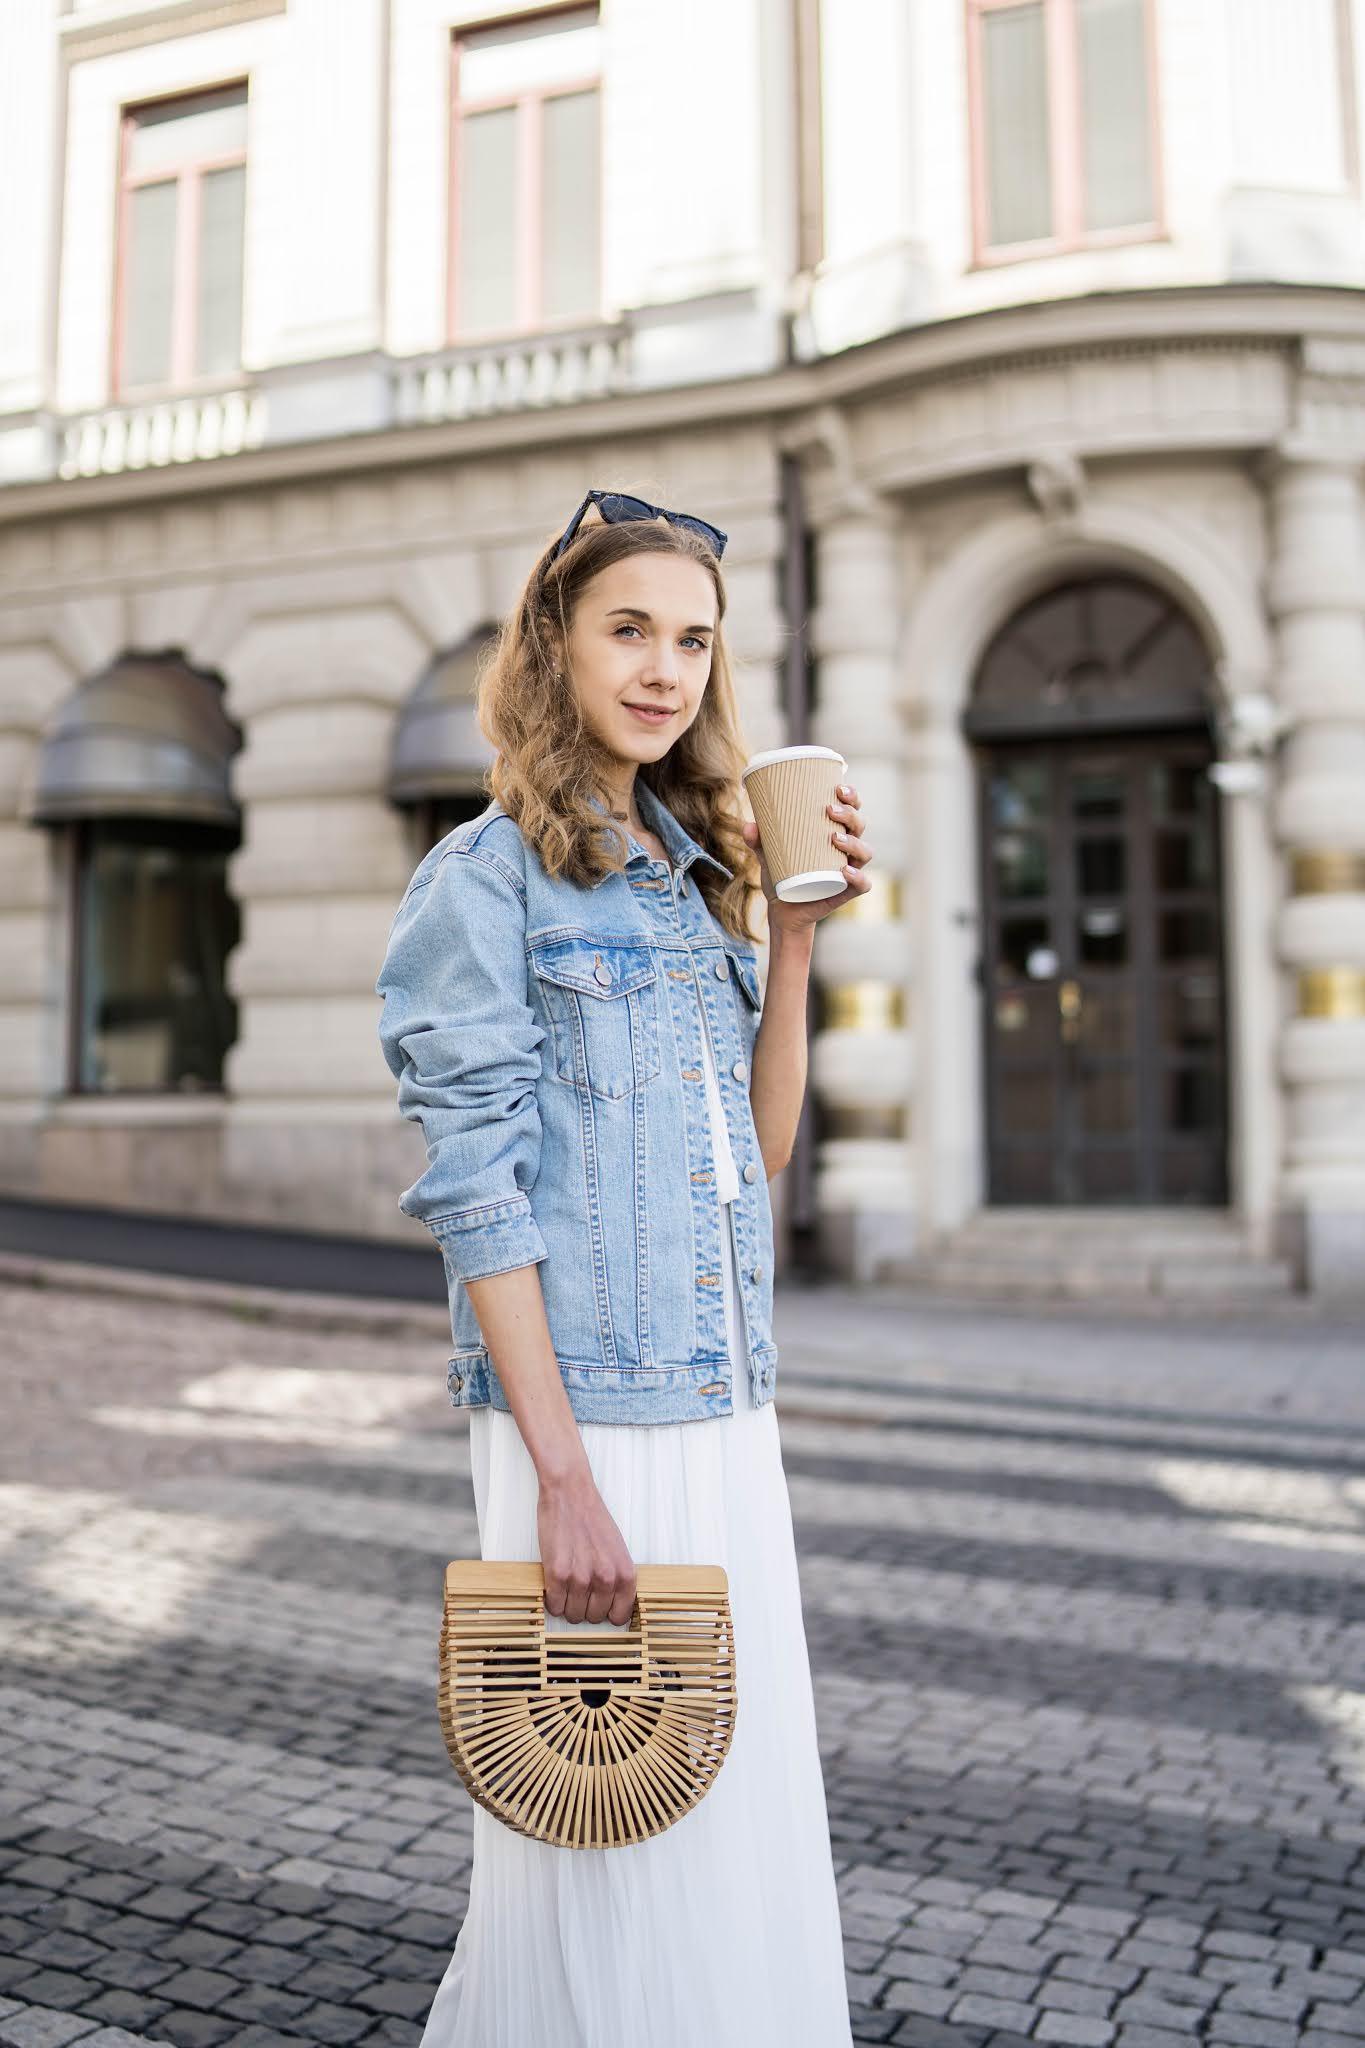 Summer outfit: white maxi dress and denim jacket - Kesäasu: valkoinen maksimekko ja farkkutakki